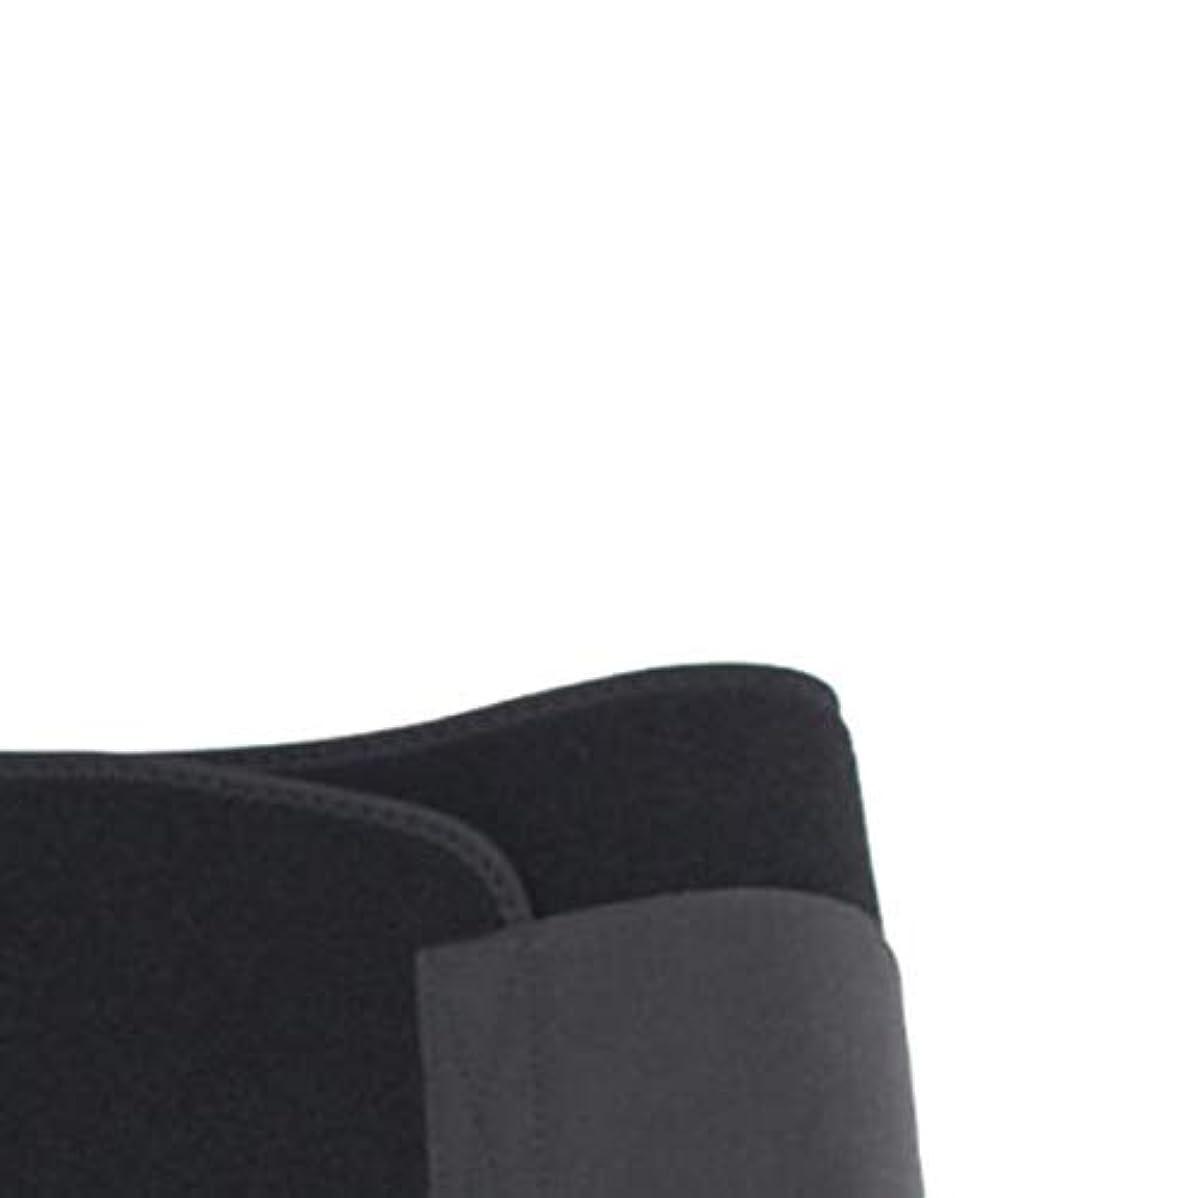 ペルー間に合わせ出力男性女性ウエストおなかスポーツボディシェイパーバンドベルトラップファットバーンスリミングエクササイズ用品ボディシェイピング(黒)